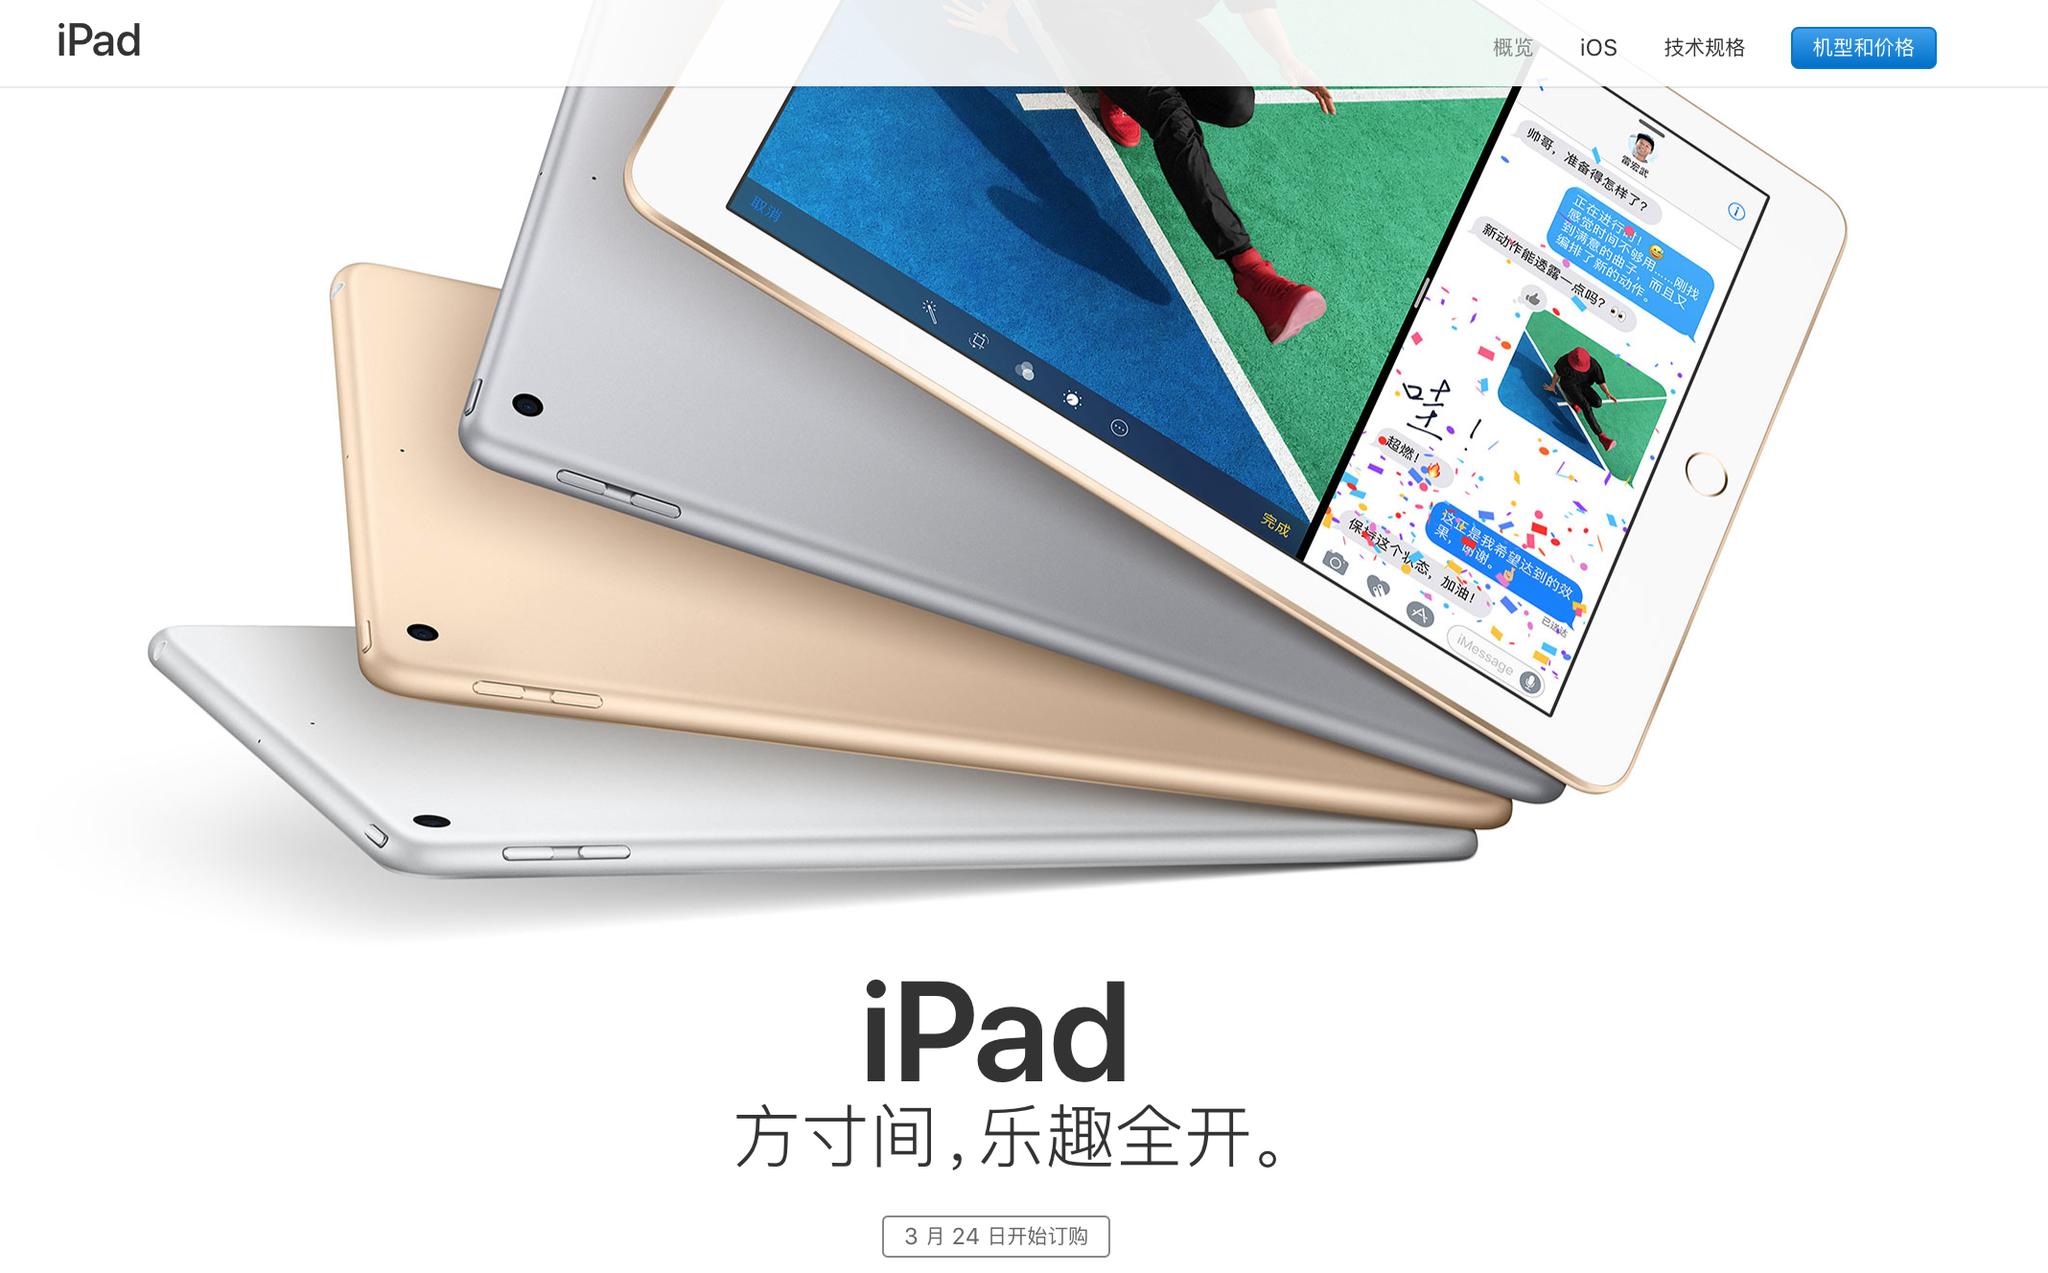 苹果发布新款9.7英寸iPad 售价2688元起